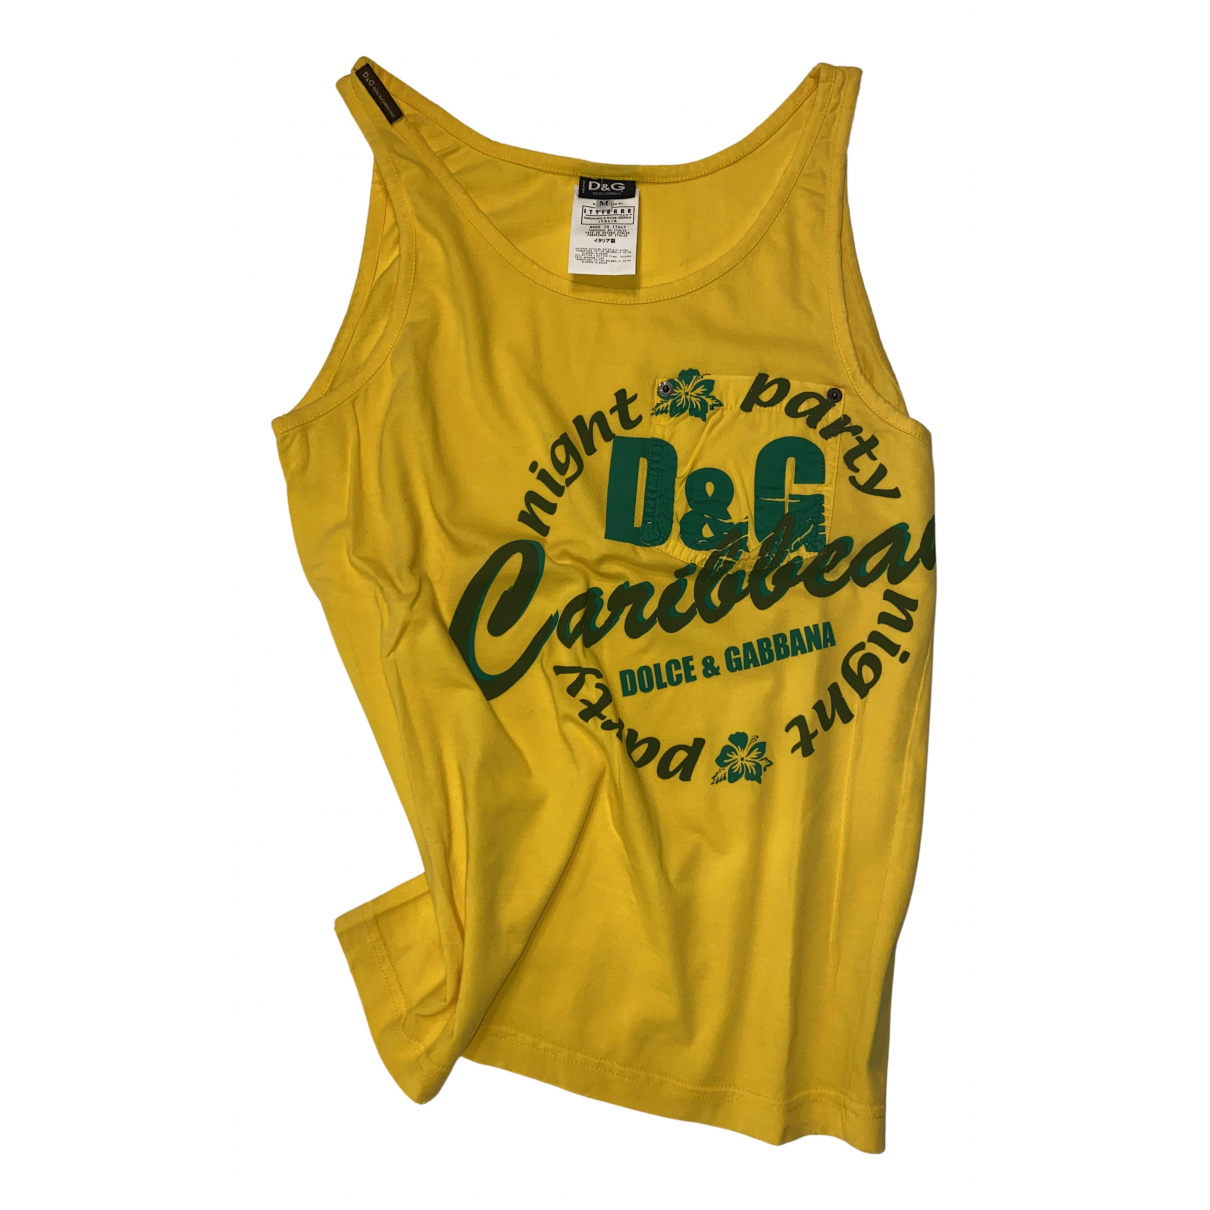 D&g - Tee shirts   pour homme en coton - jaune